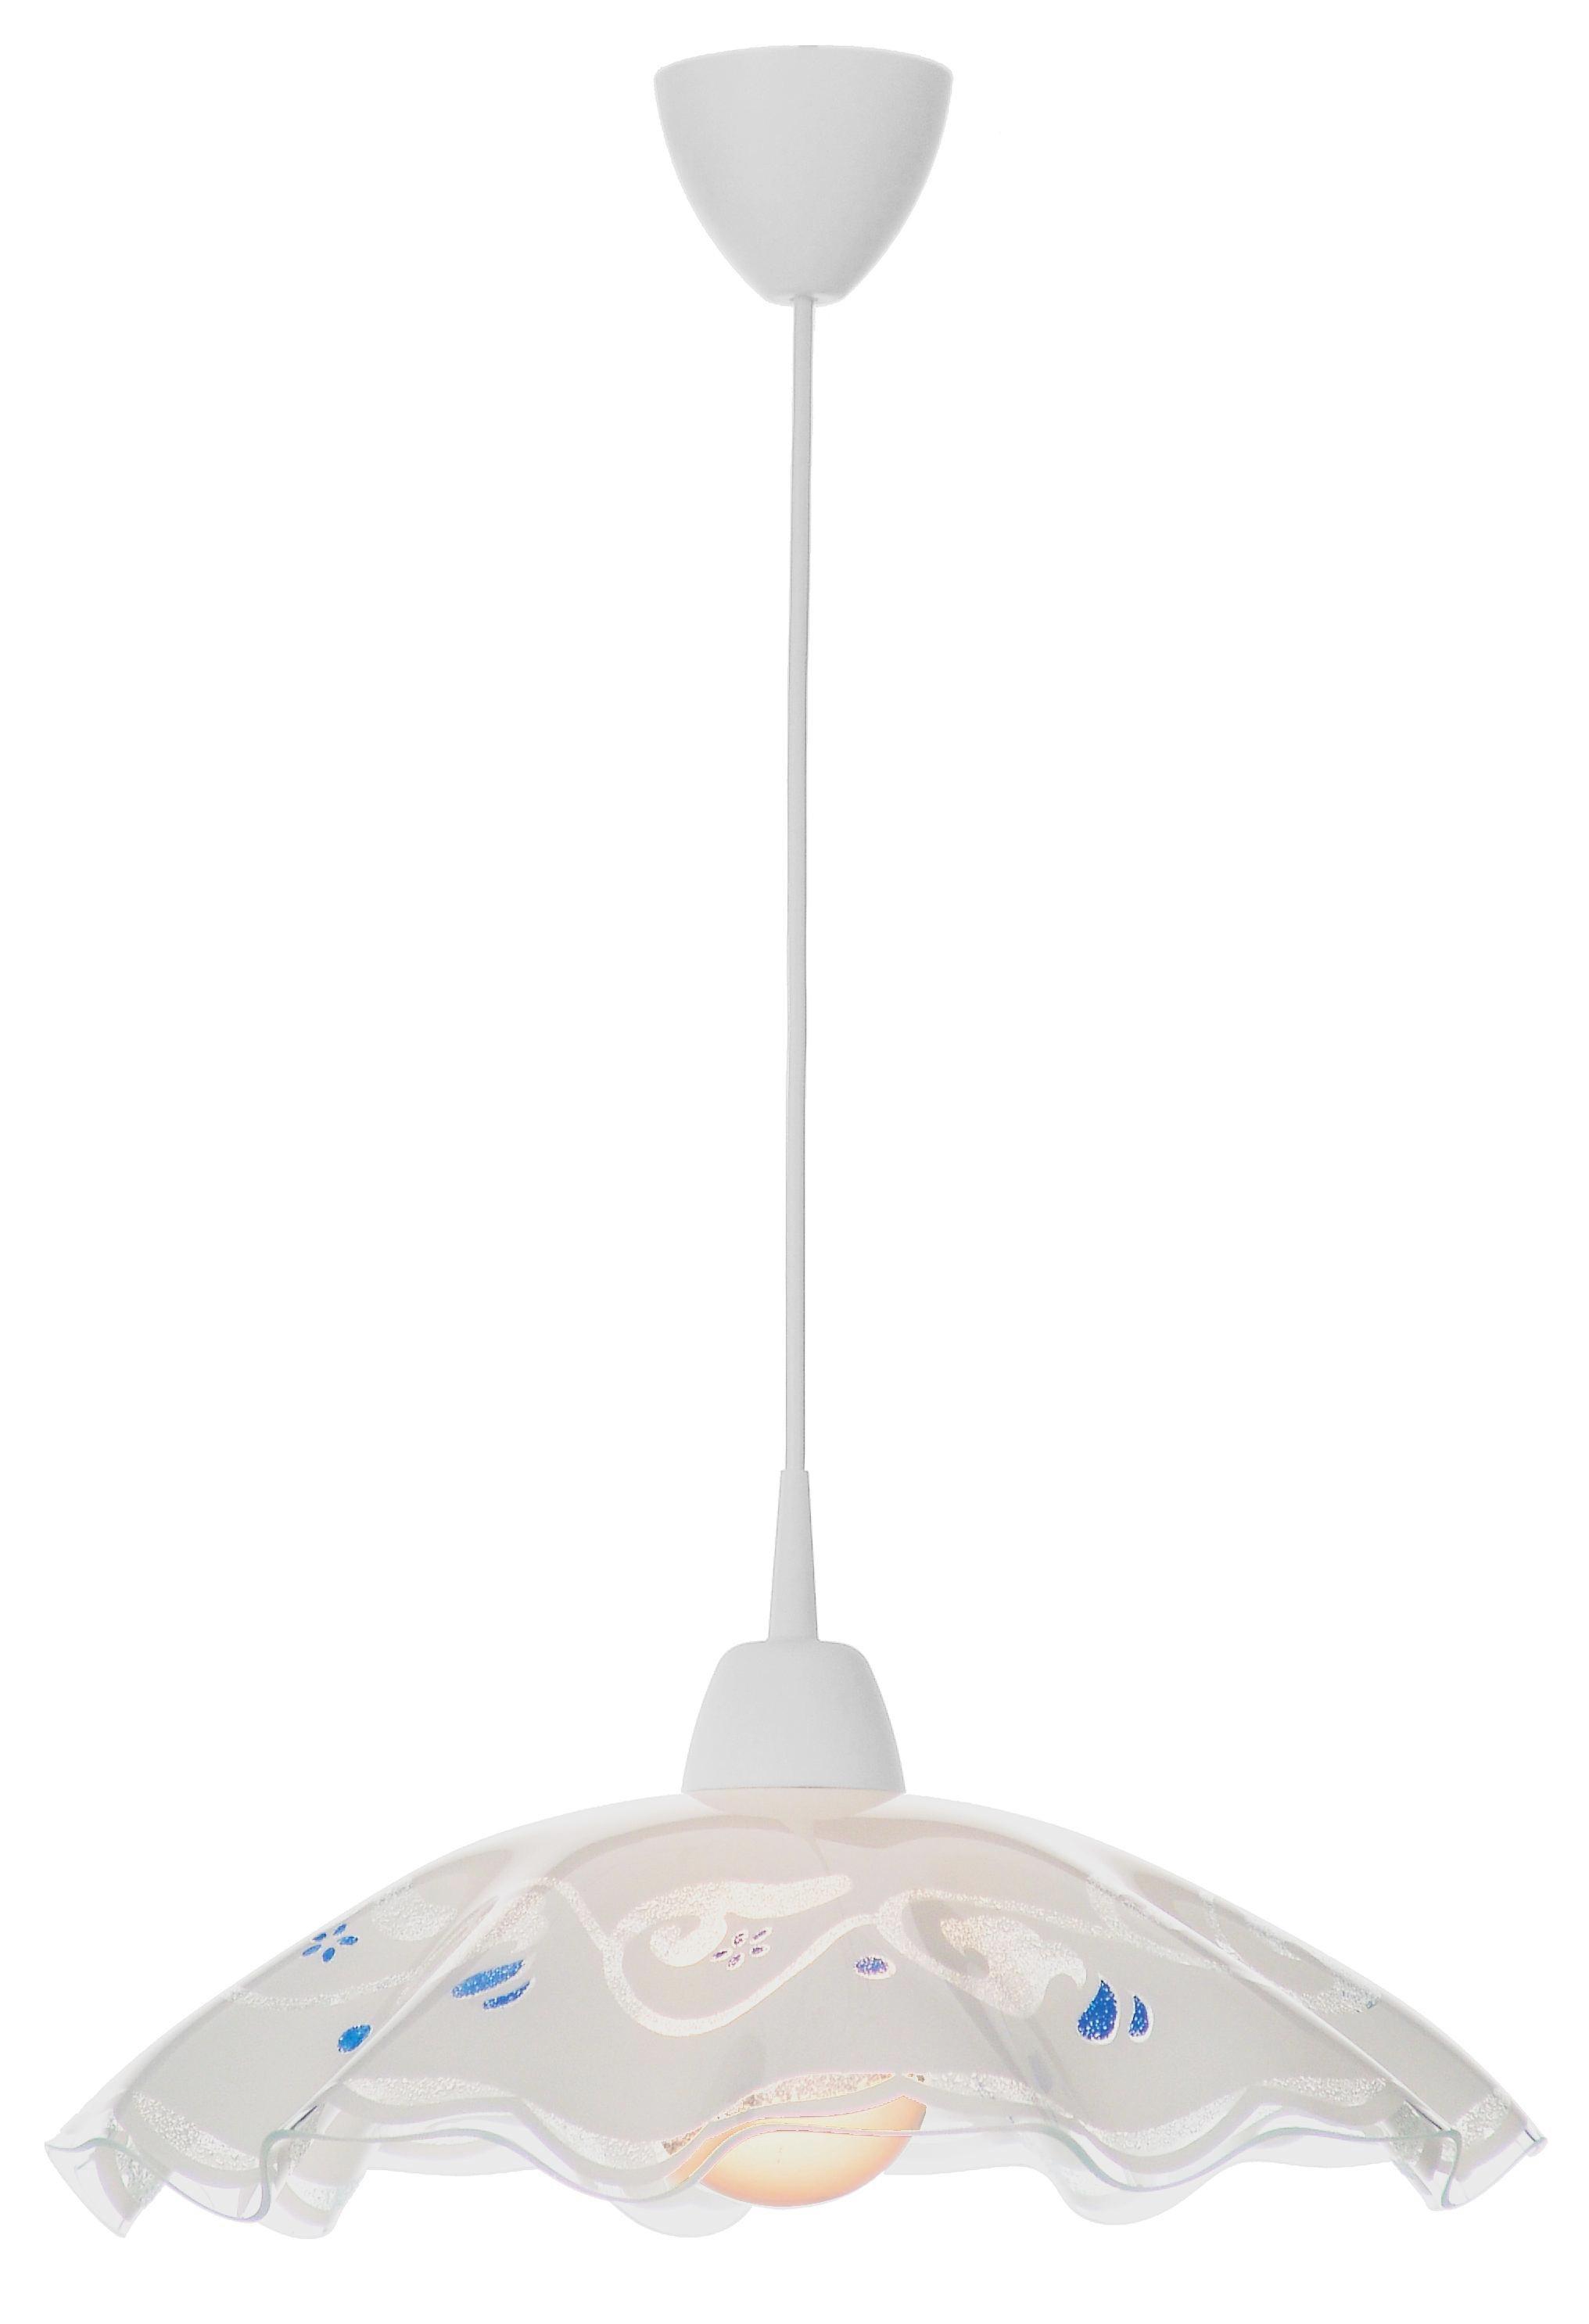 Hängeleuchte Riga - Blau/Weiß, KONVENTIONELL, Glas/Kunststoff (43/100cm) - OMBRA